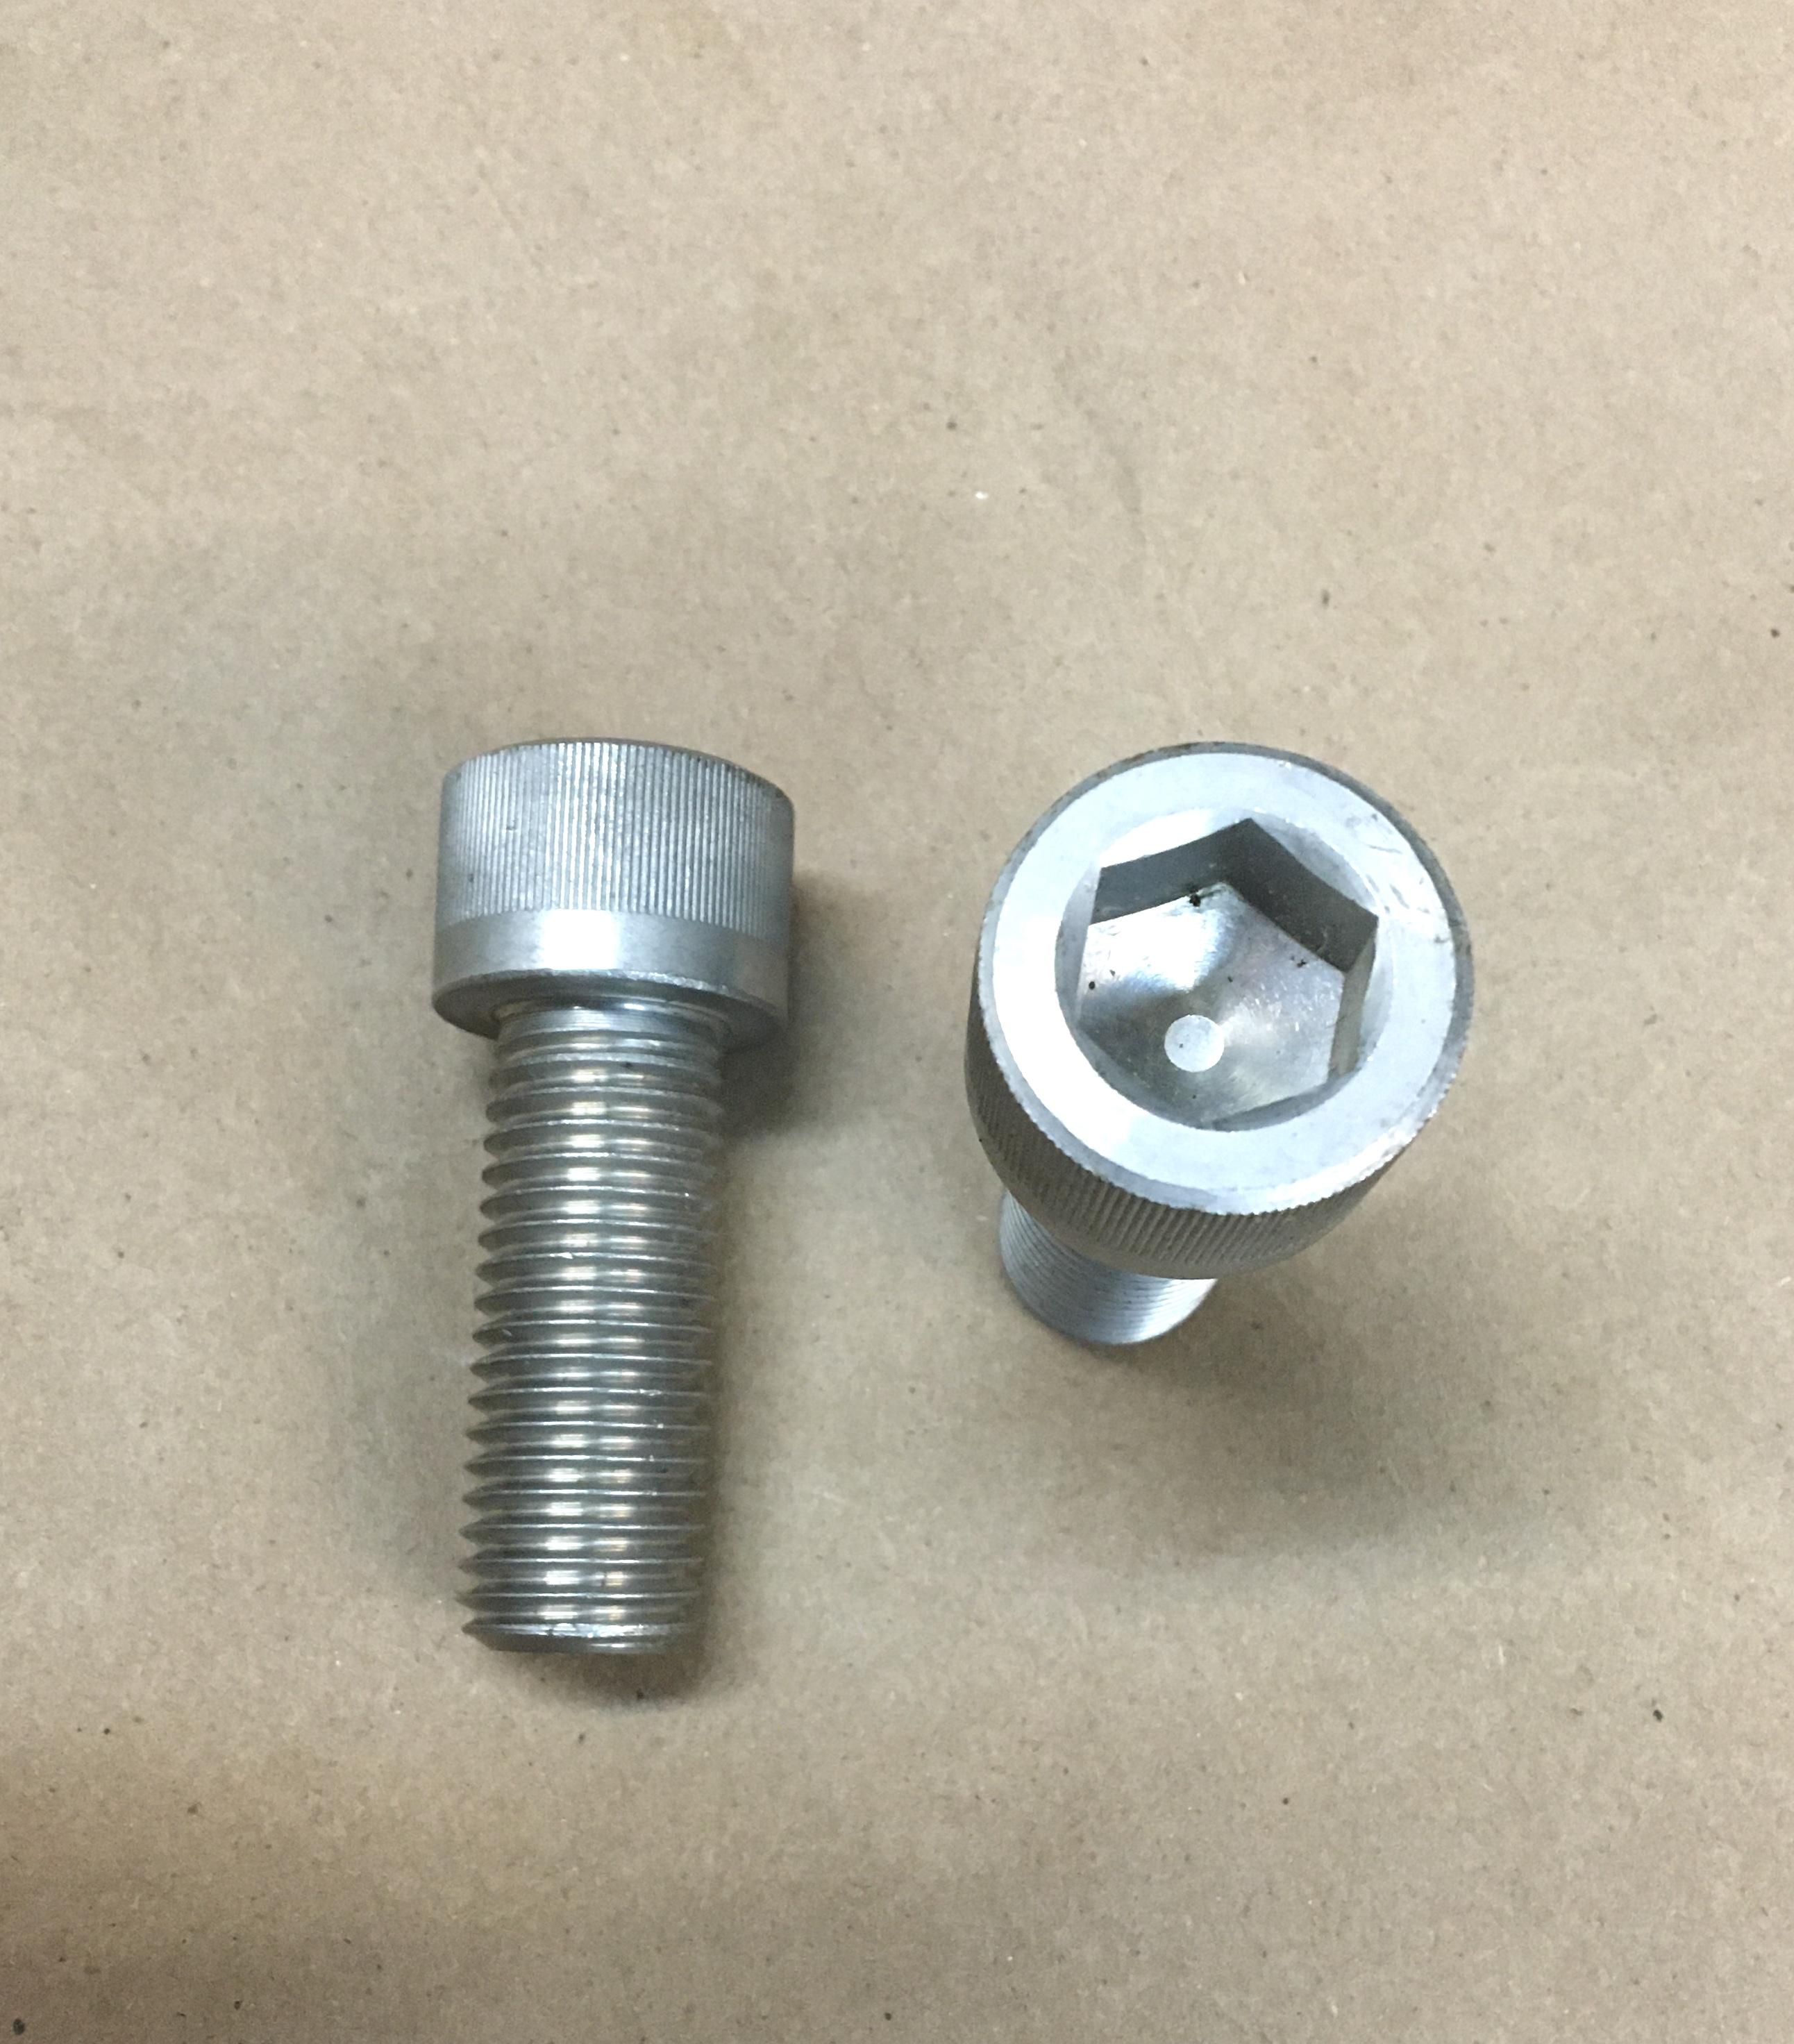 BOLT, 3/4-10 X 2 Socket hd, 18-8ss